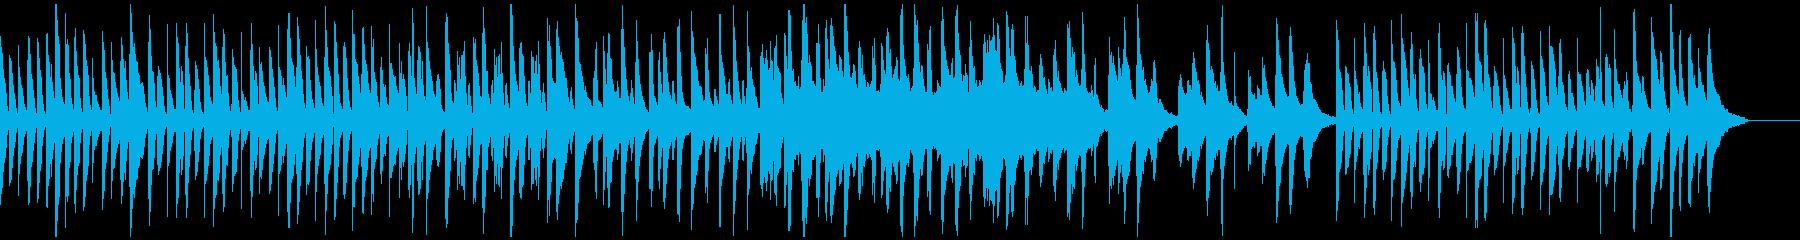 ピアノでのノビノビした曲の再生済みの波形